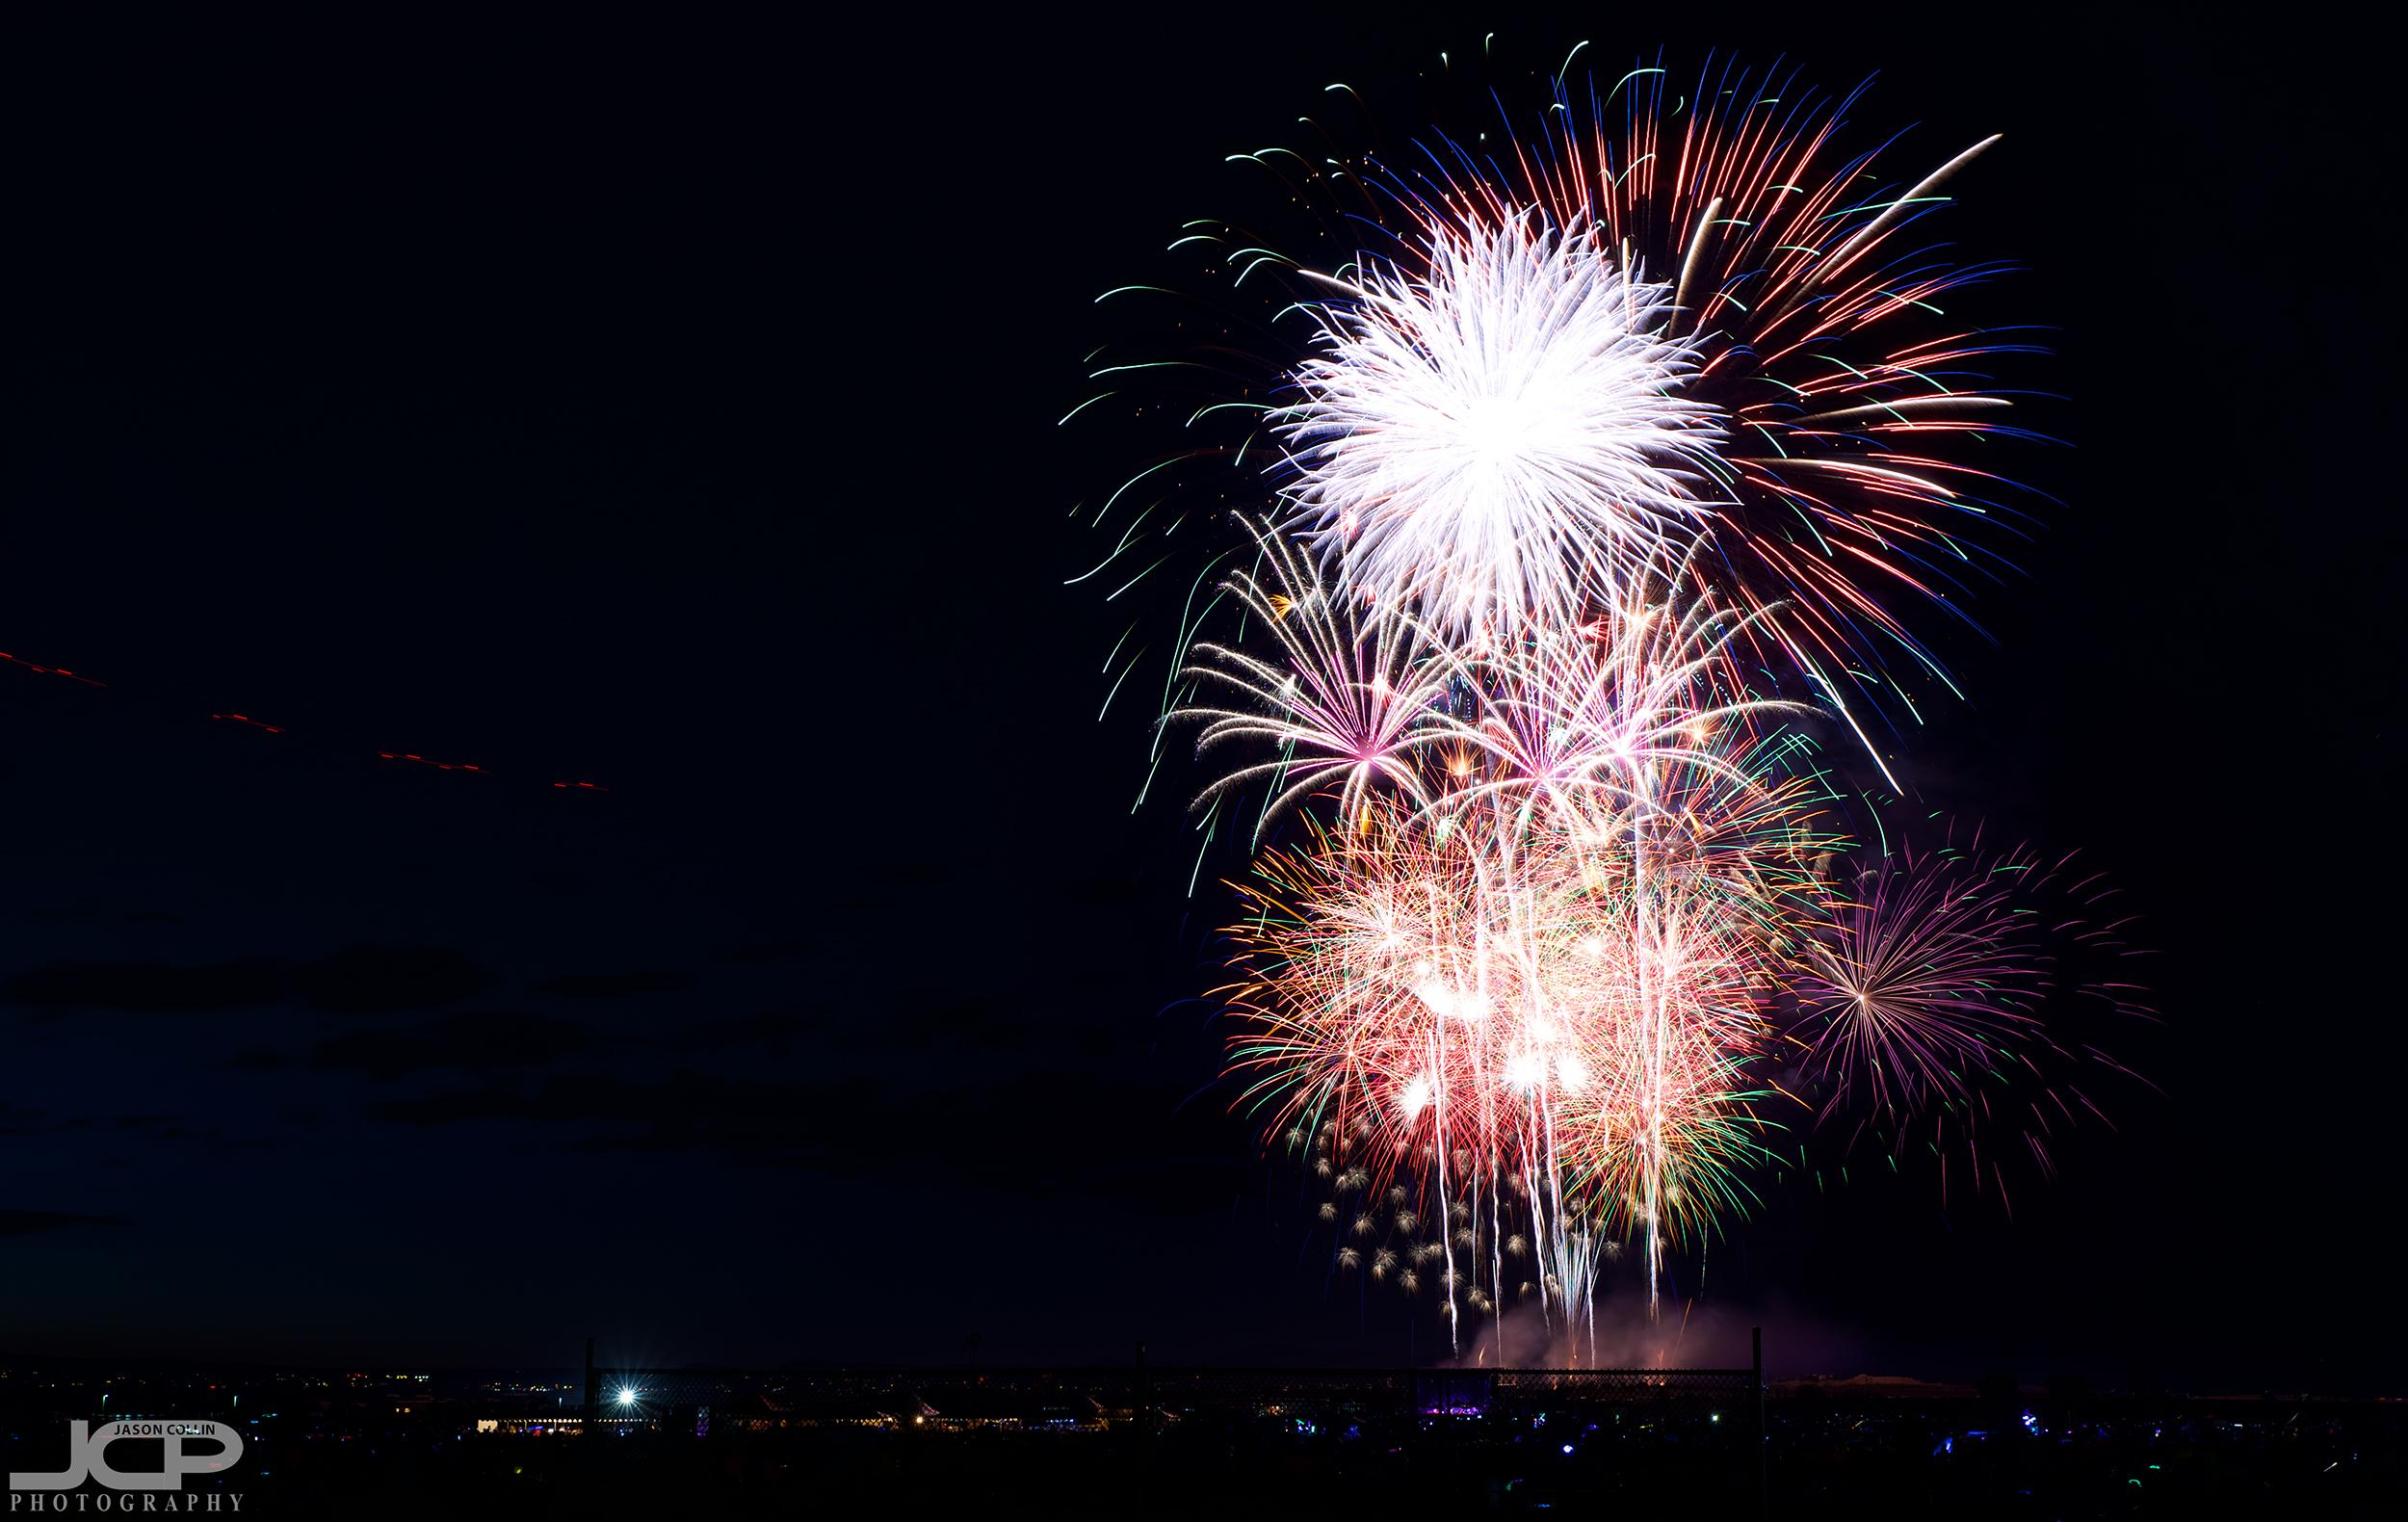 2019 Balloon Fiesta Park fireworks spectacular in Albuquerque New Mexico